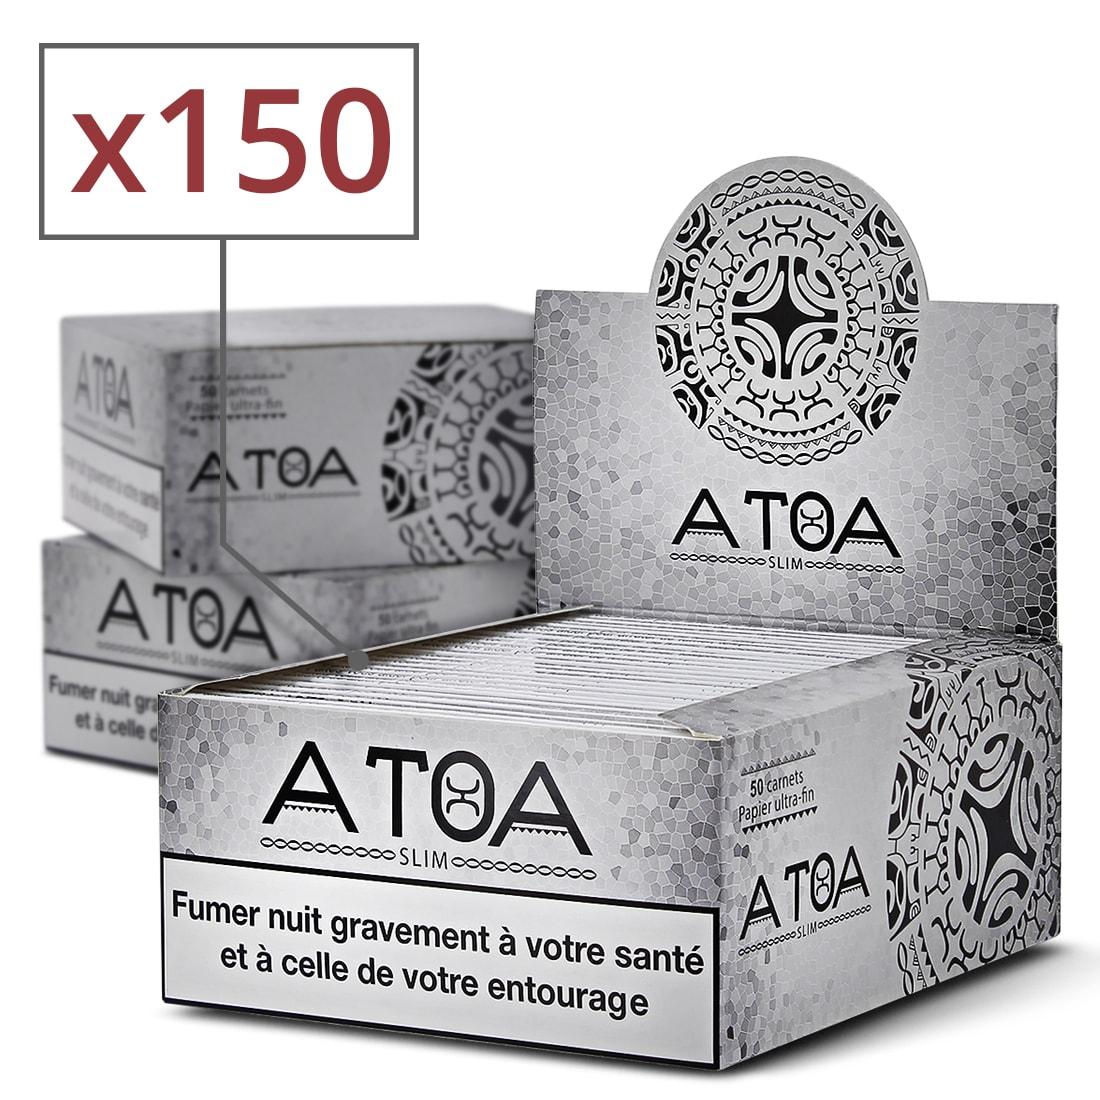 Photo de Papier à rouler ATOA Slim x 150